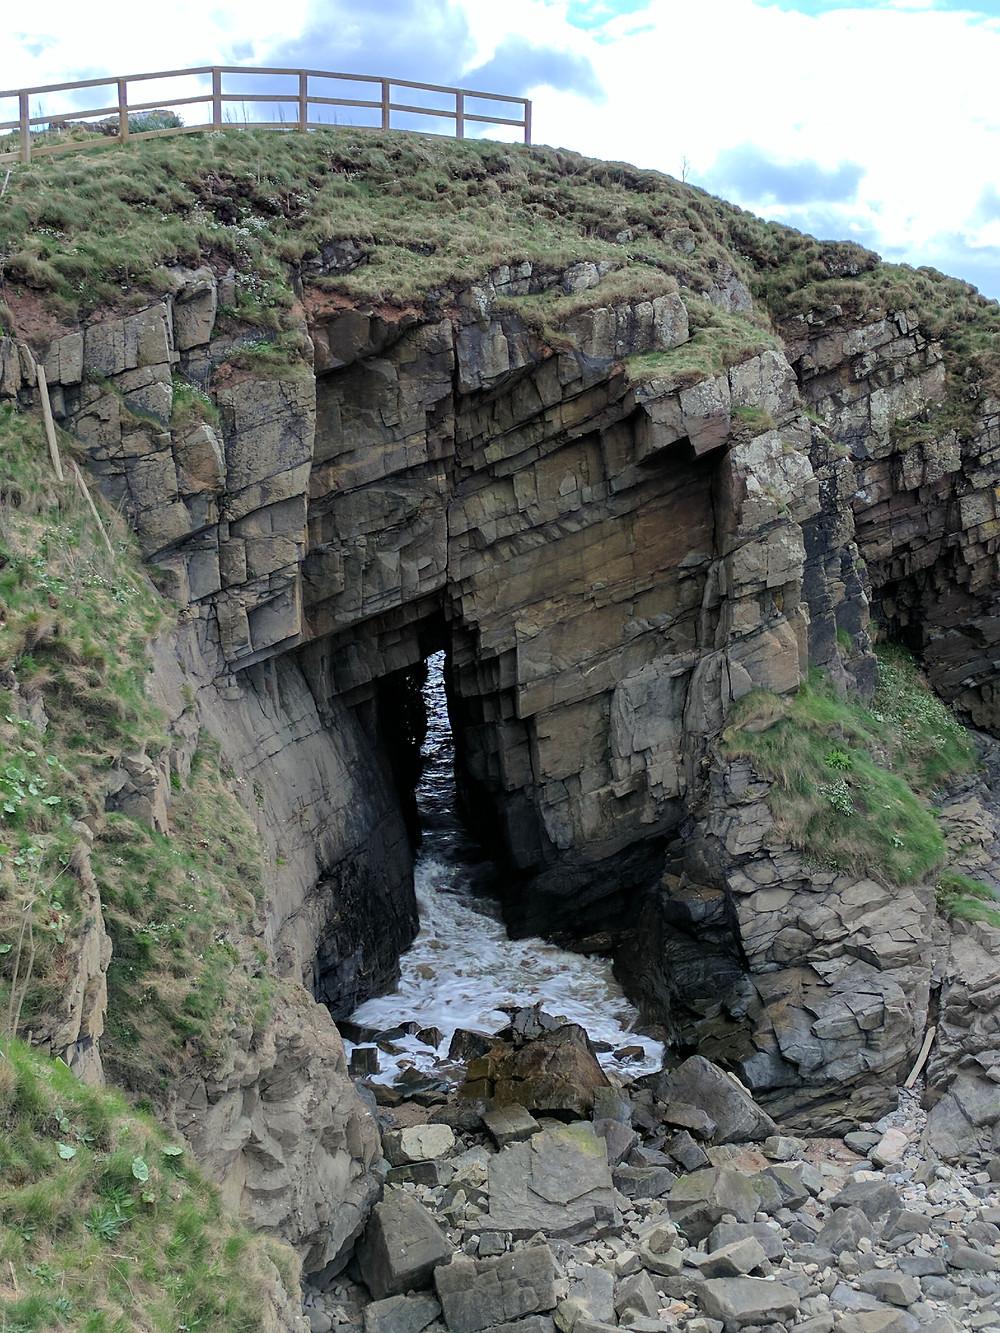 Collieston, Aberdeenshire, Scotland